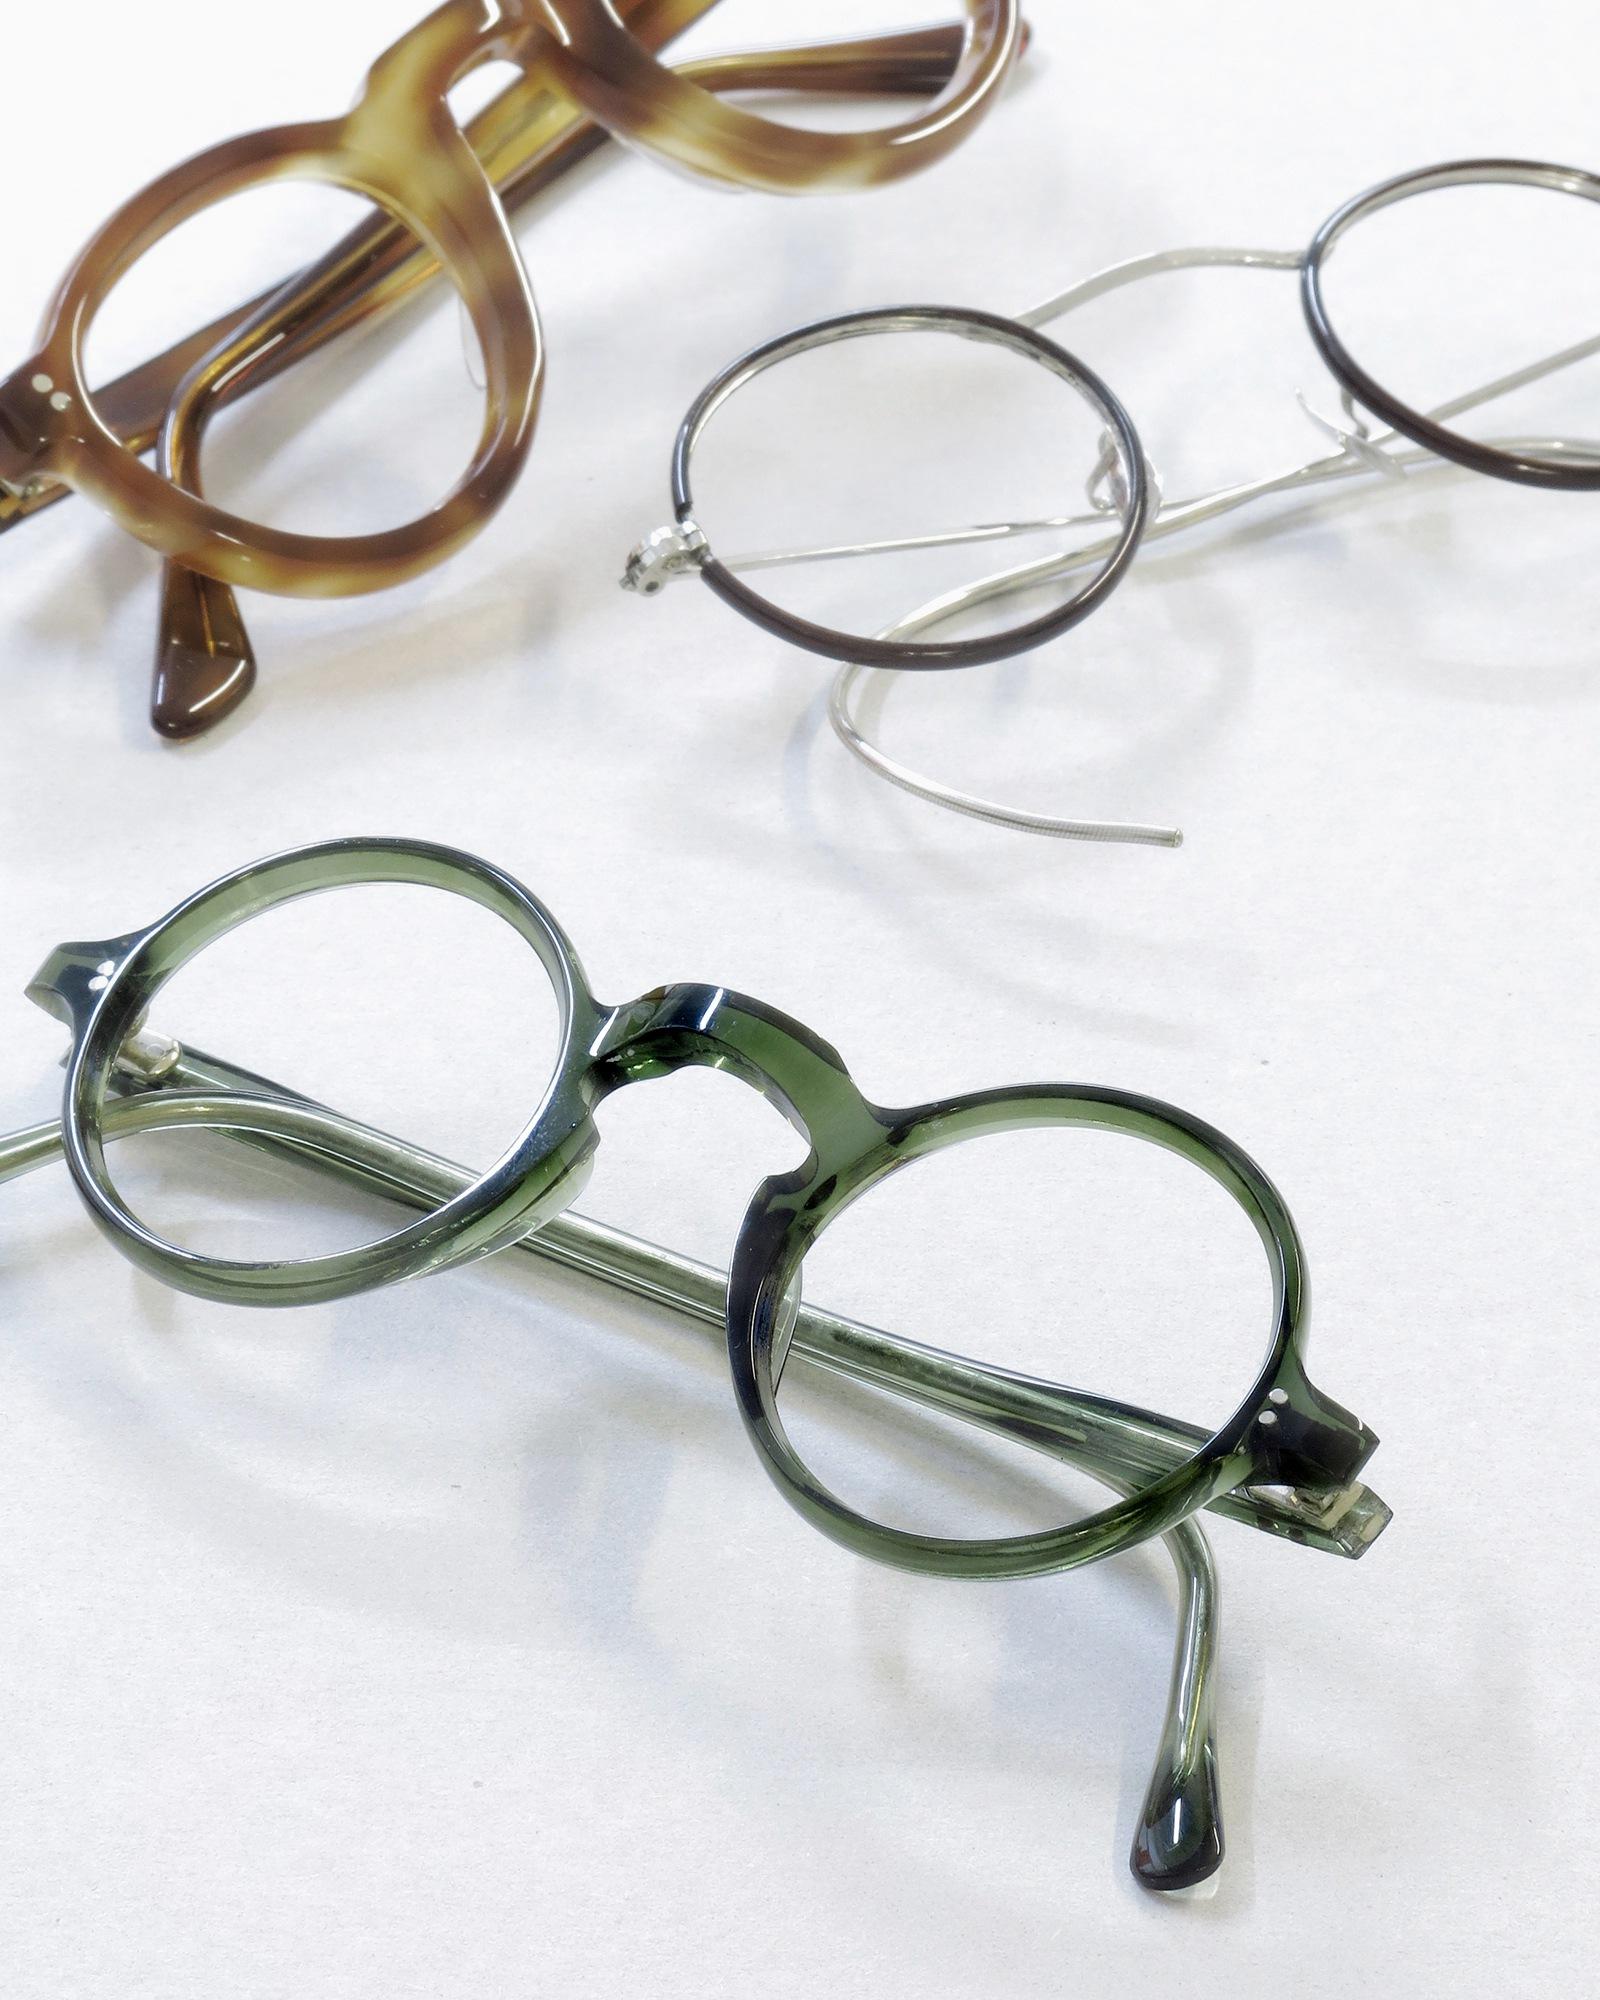 フランス製の緑の丸メガネ